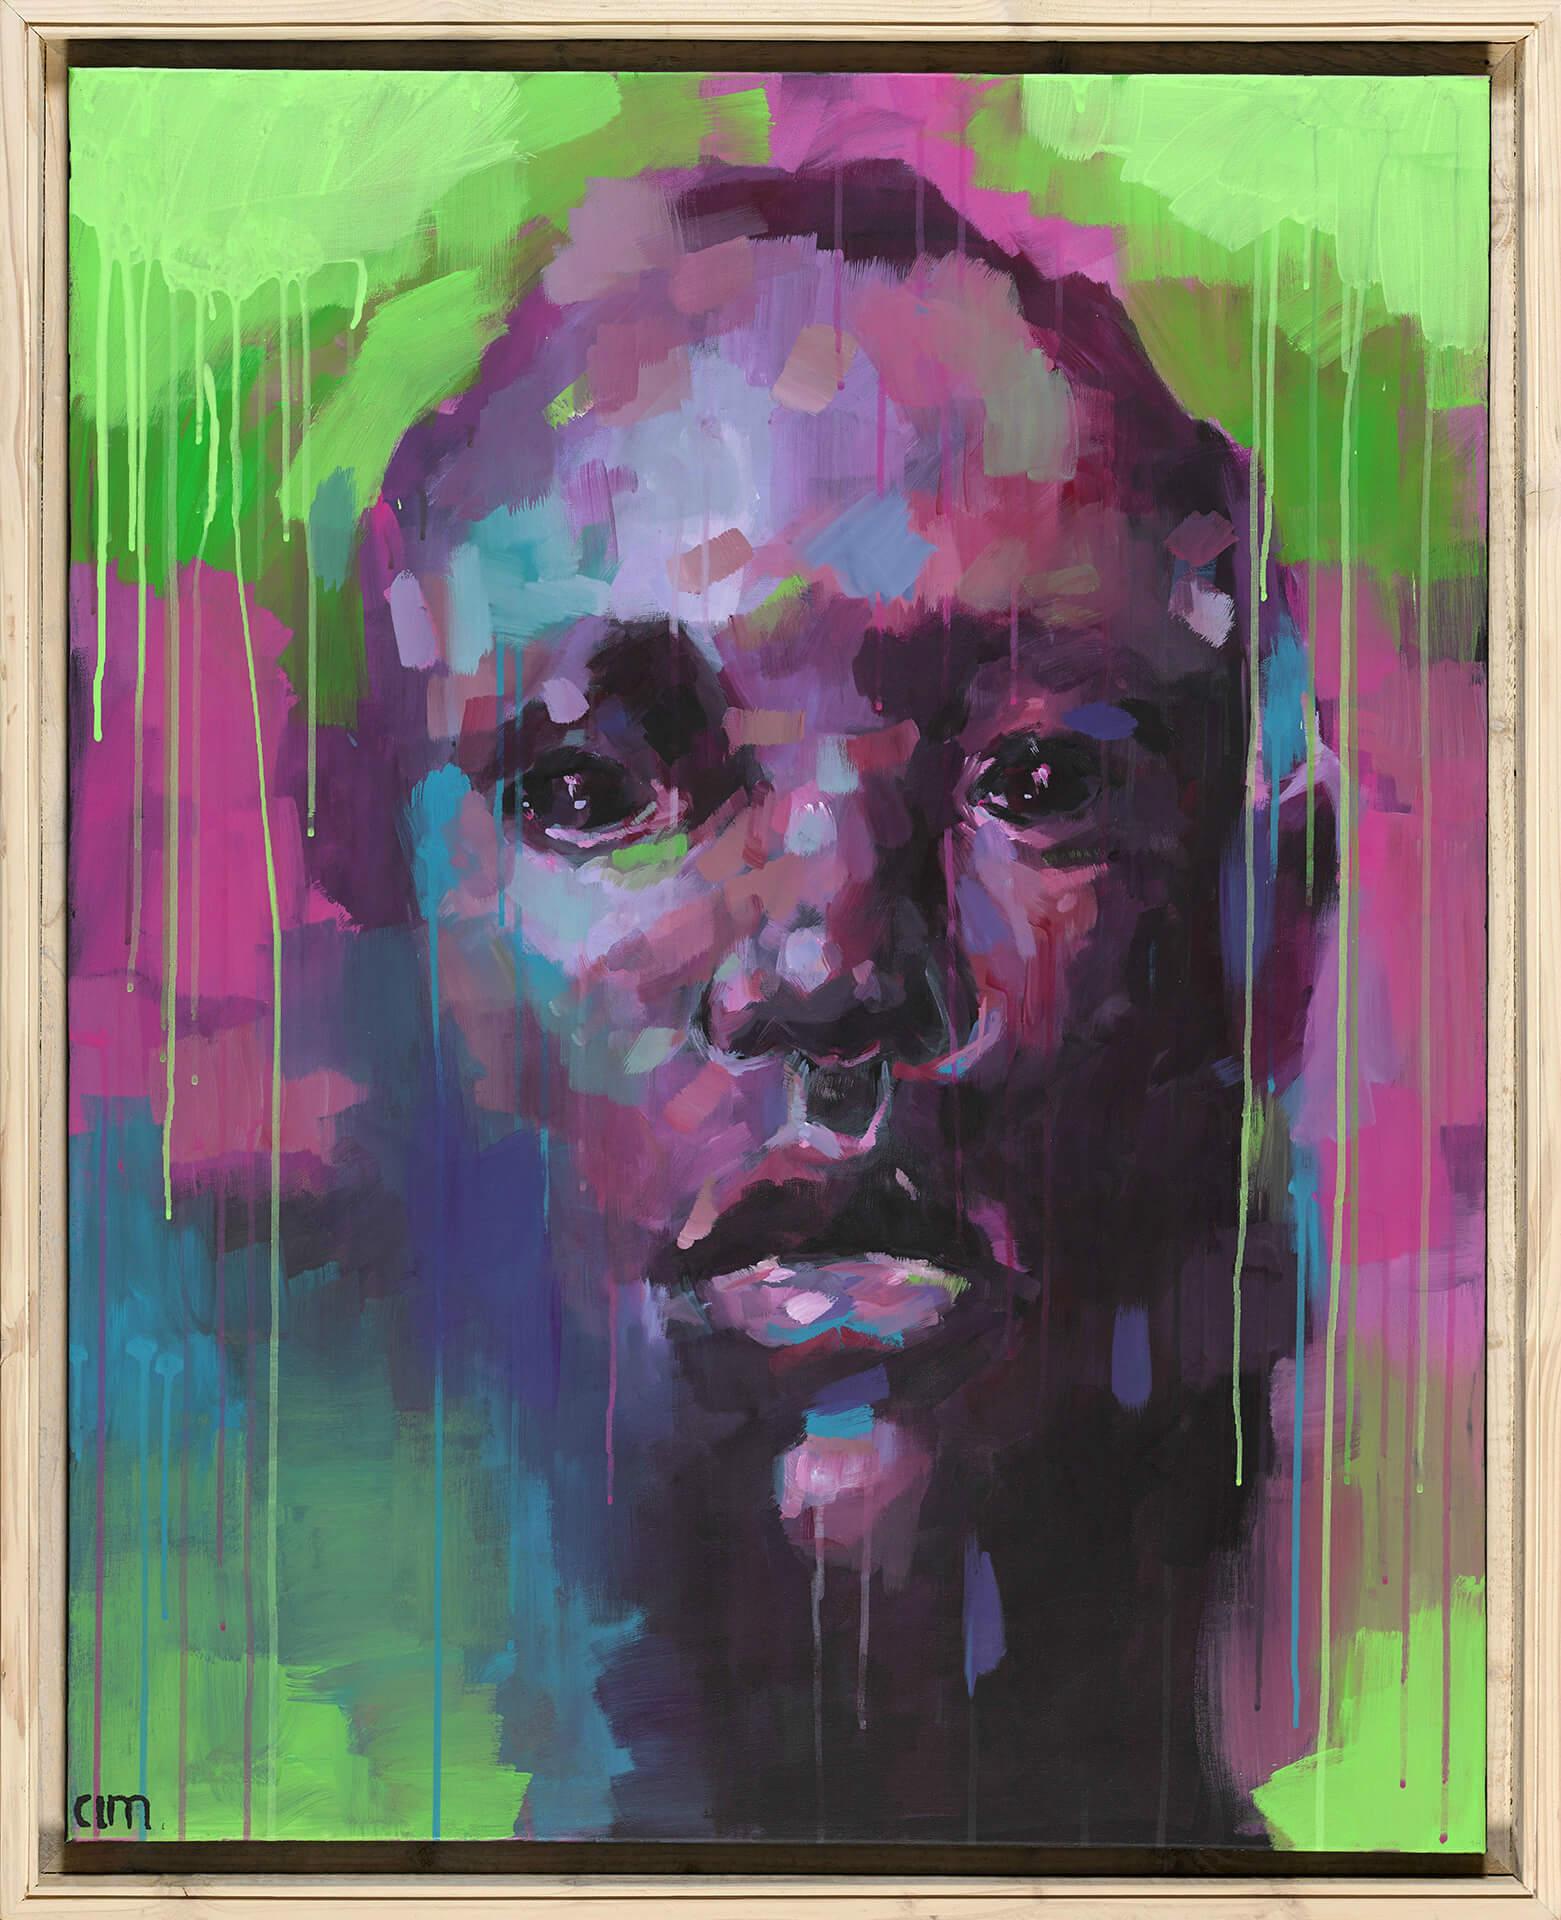 Patrick FEILLENS - L'homme sensible - Acrylique sur toile - 80 x 100 cm